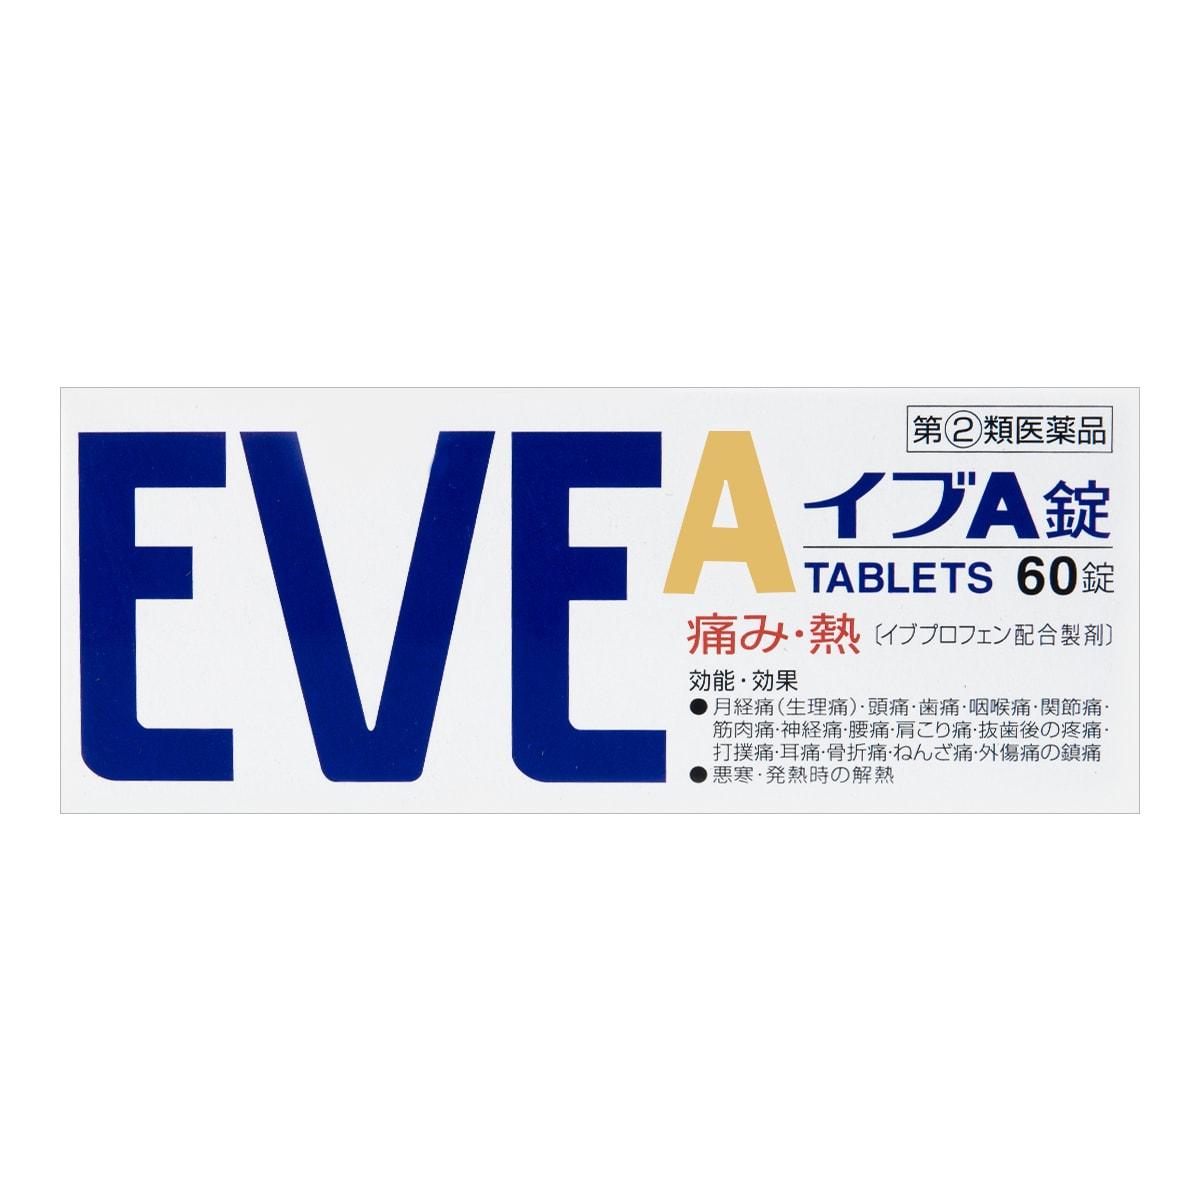 日本SS PHARMACEUTICAL白兔制药 EVEA锭止疼止痛药 60片入 有效缓解生理痛头痛